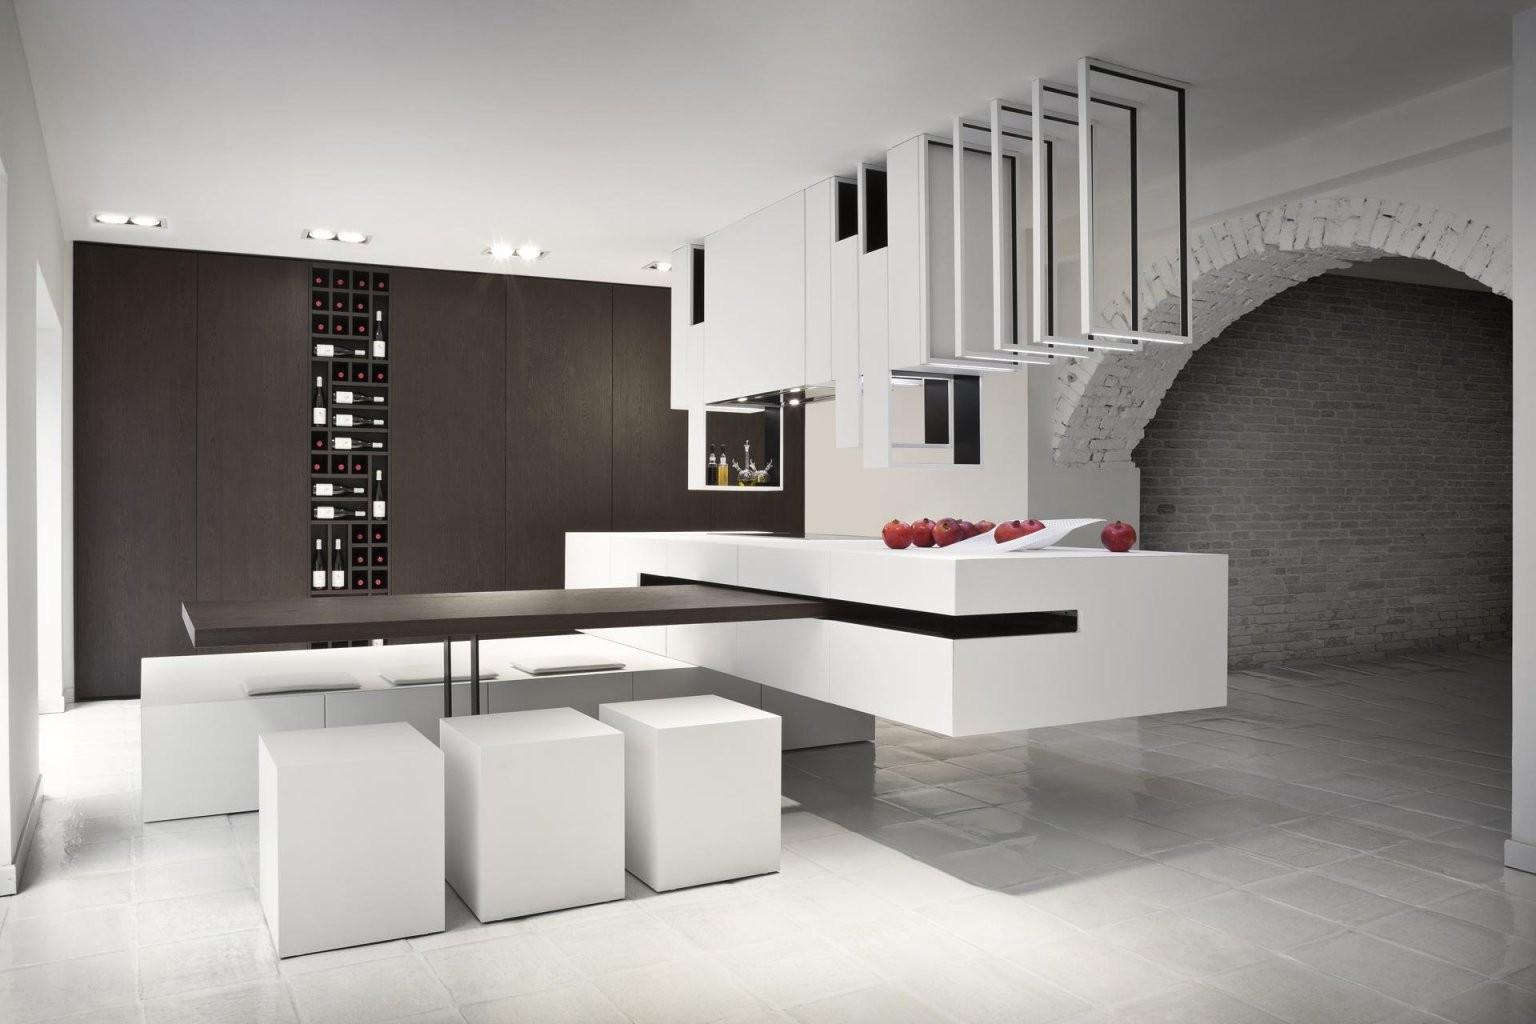 Eine Moderne Kochinsel Für Luxuriöse Küchen  Freshouse von Luxus Küche Mit Kochinsel Bild